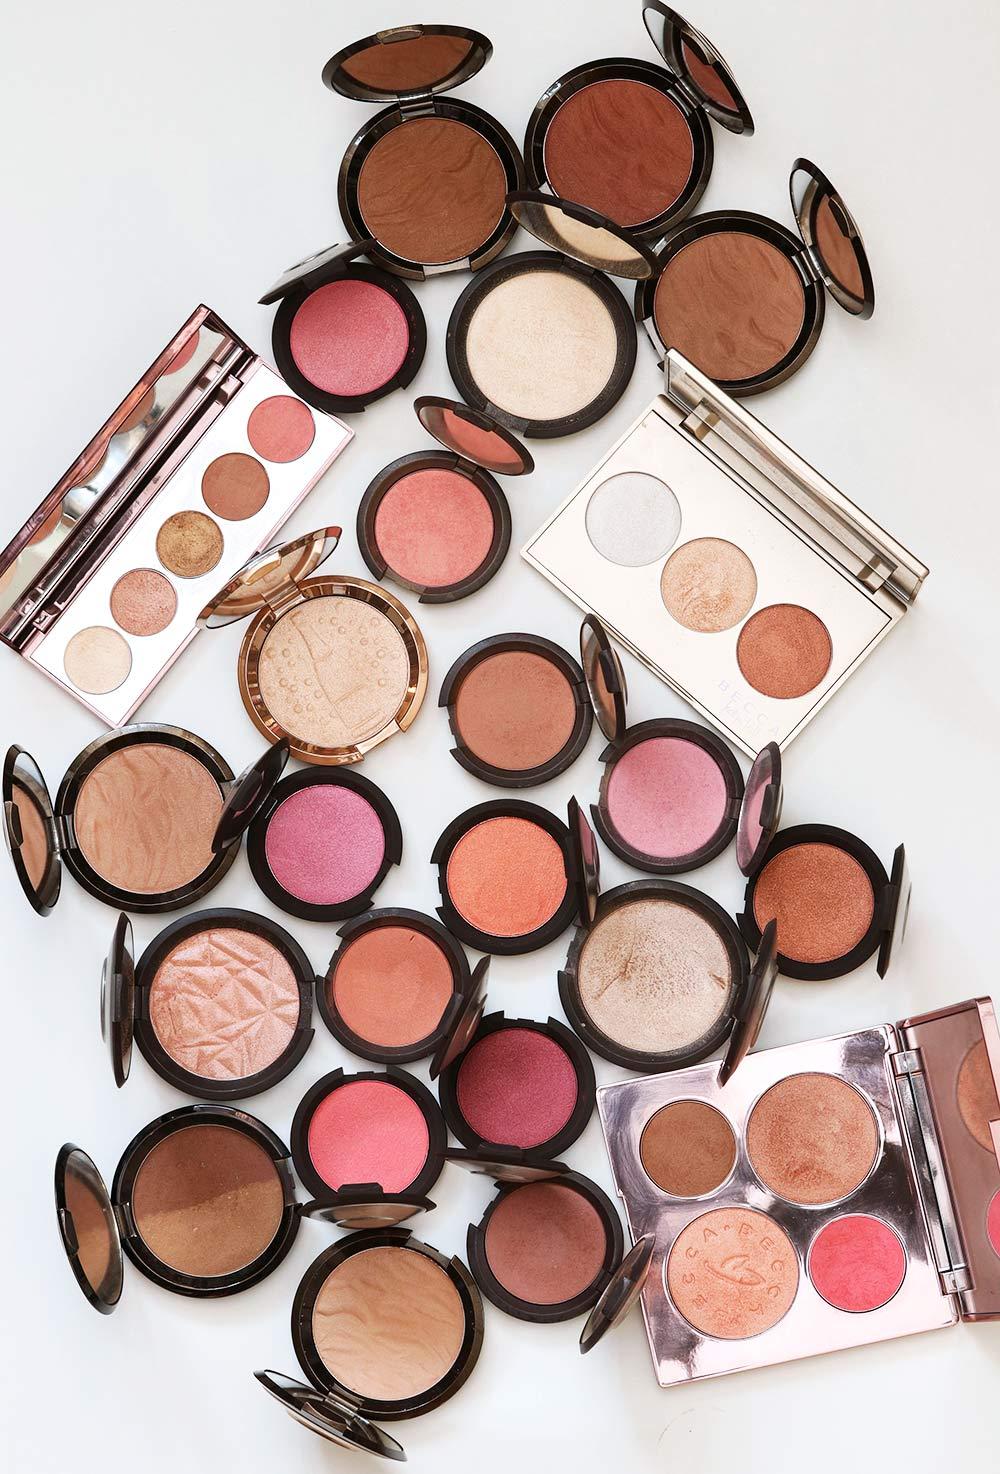 becca cosmetics flat lay monday poll july 17